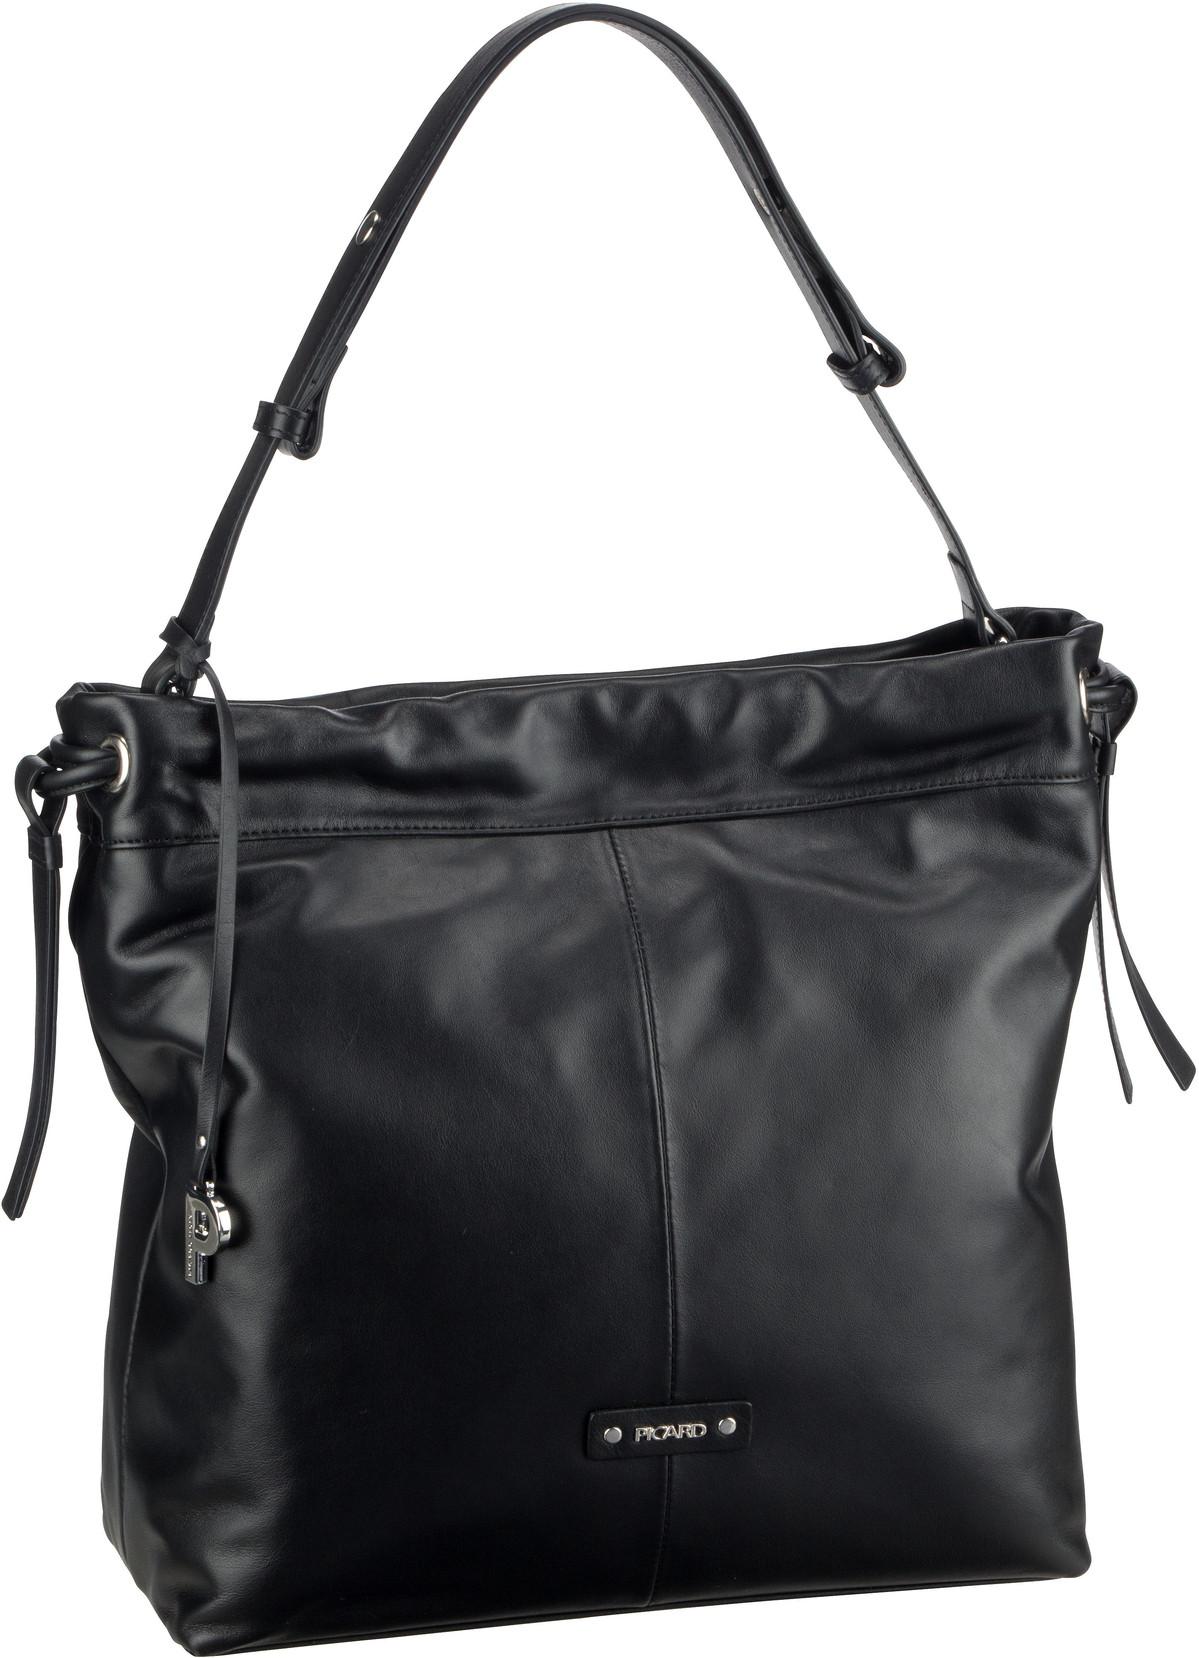 Handtasche Softy 9593 Schwarz